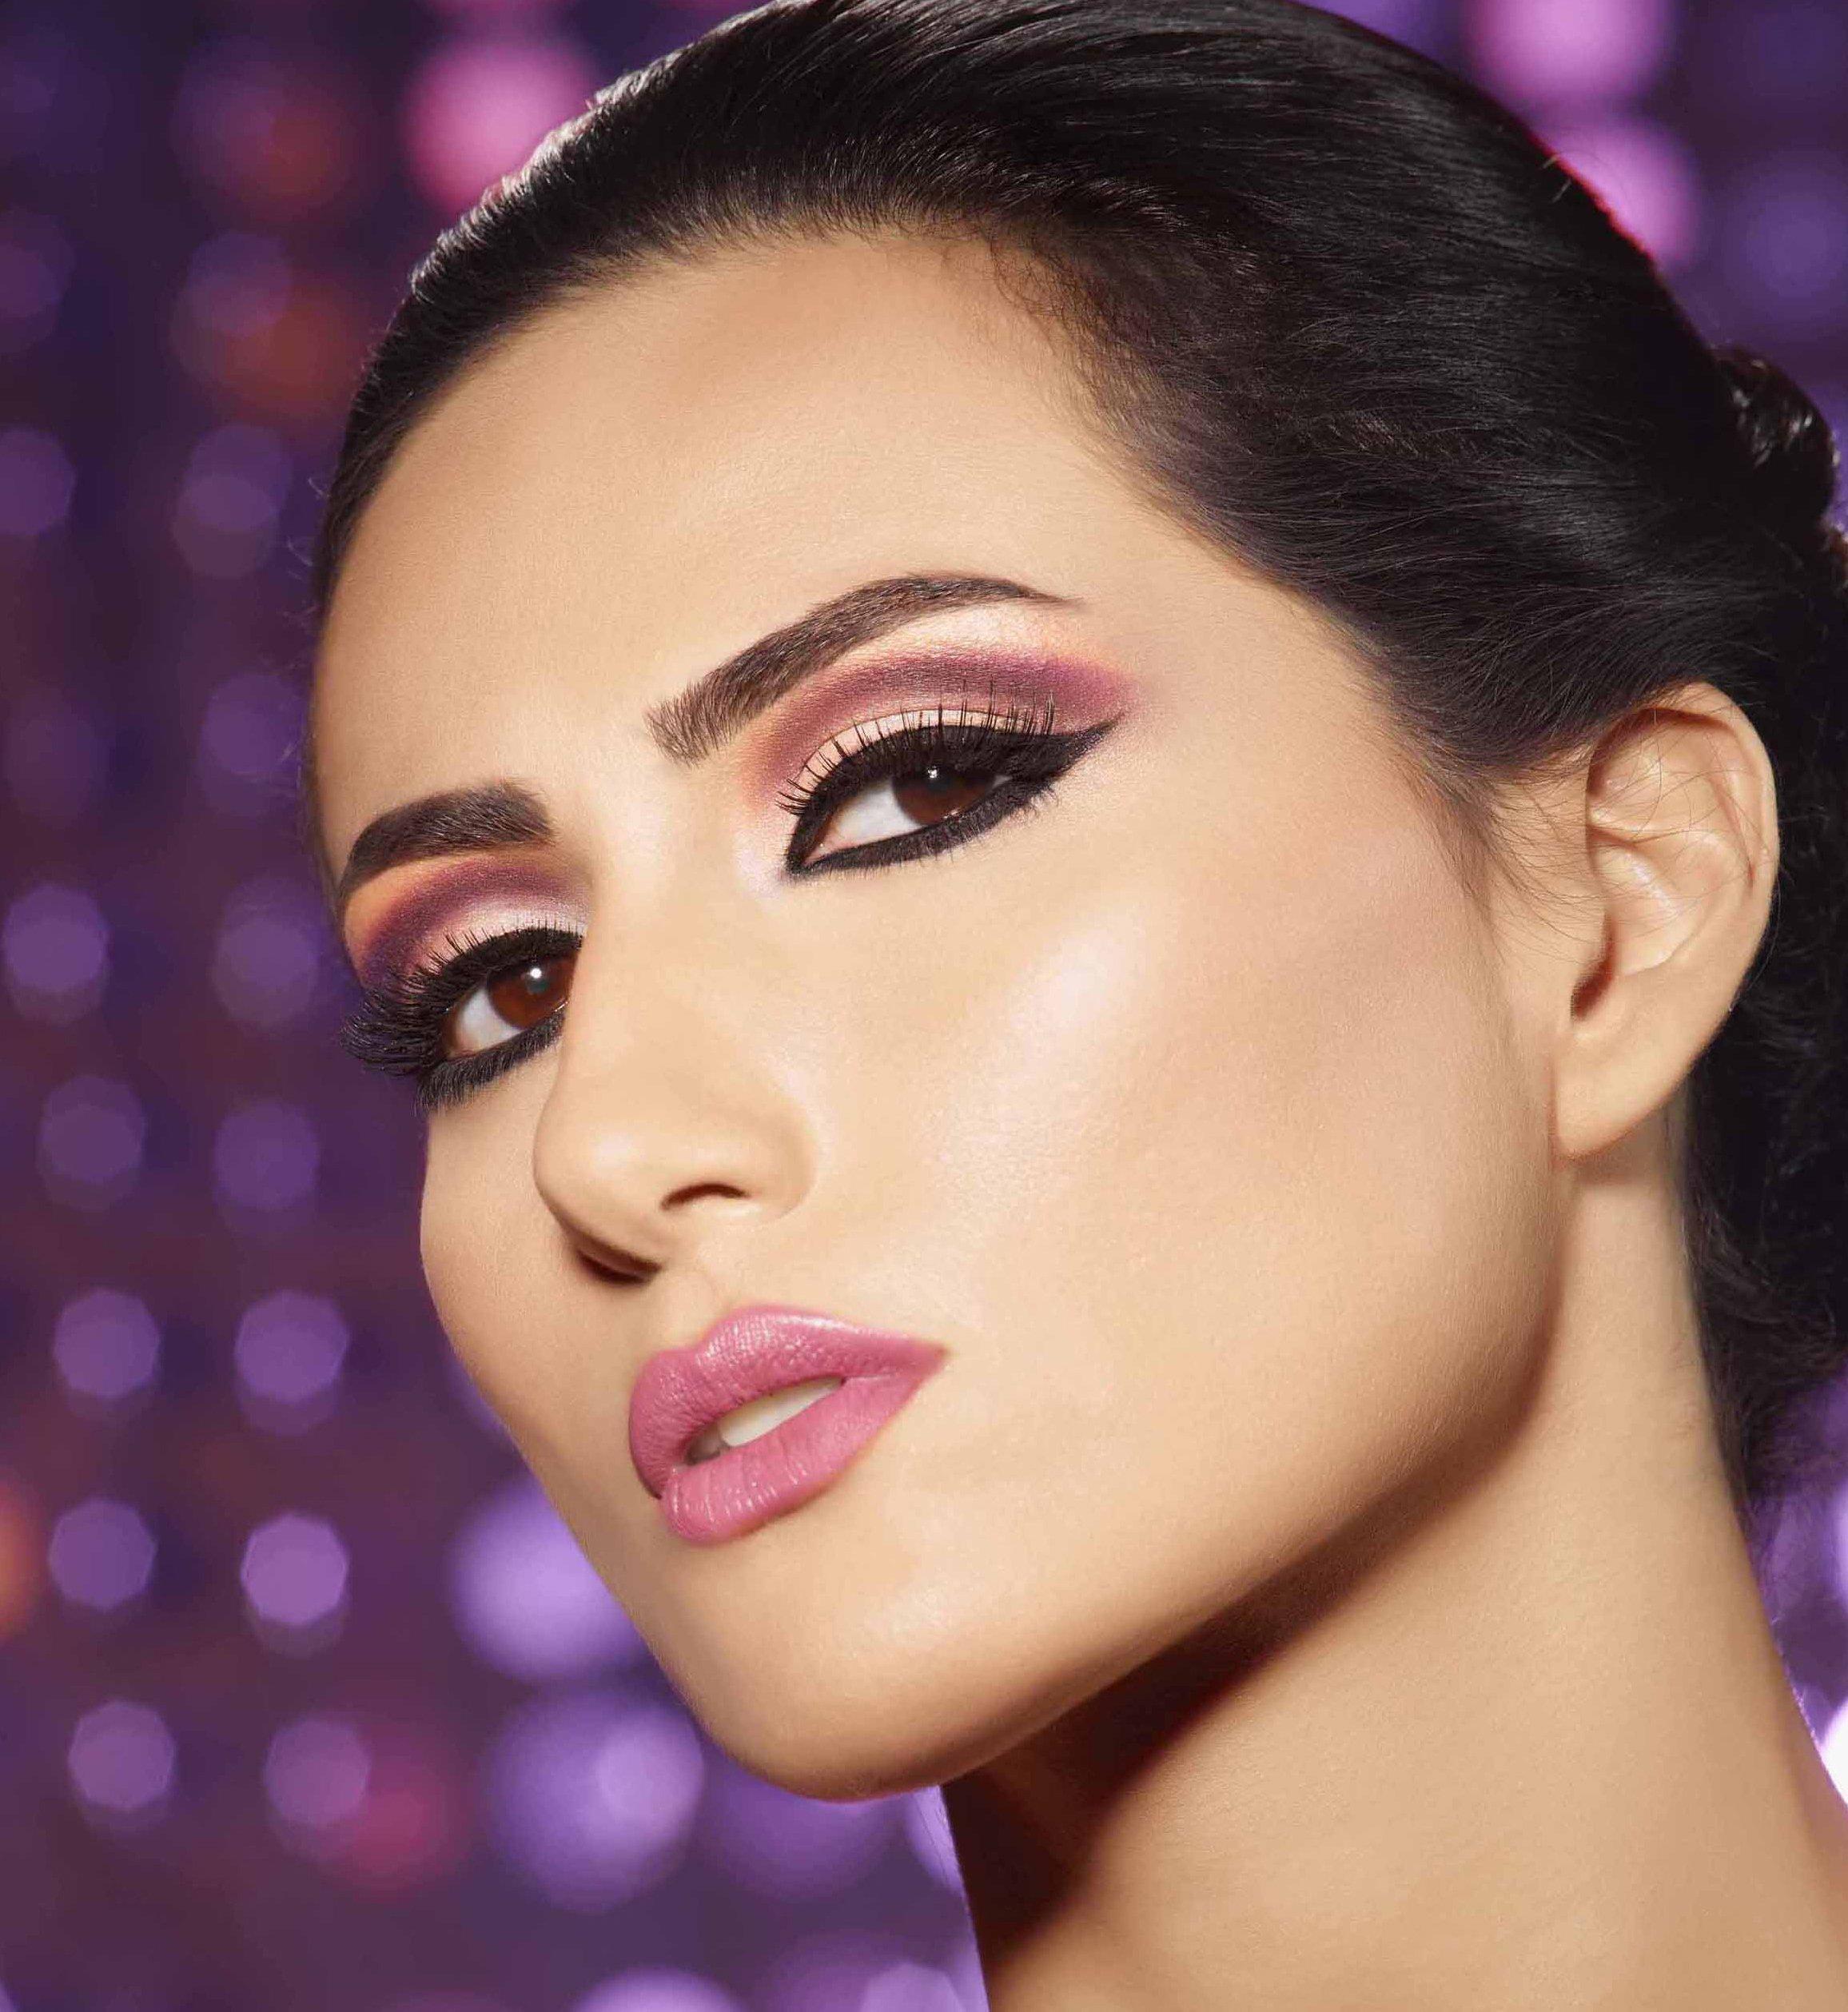 Восточный макияж фиолетовый